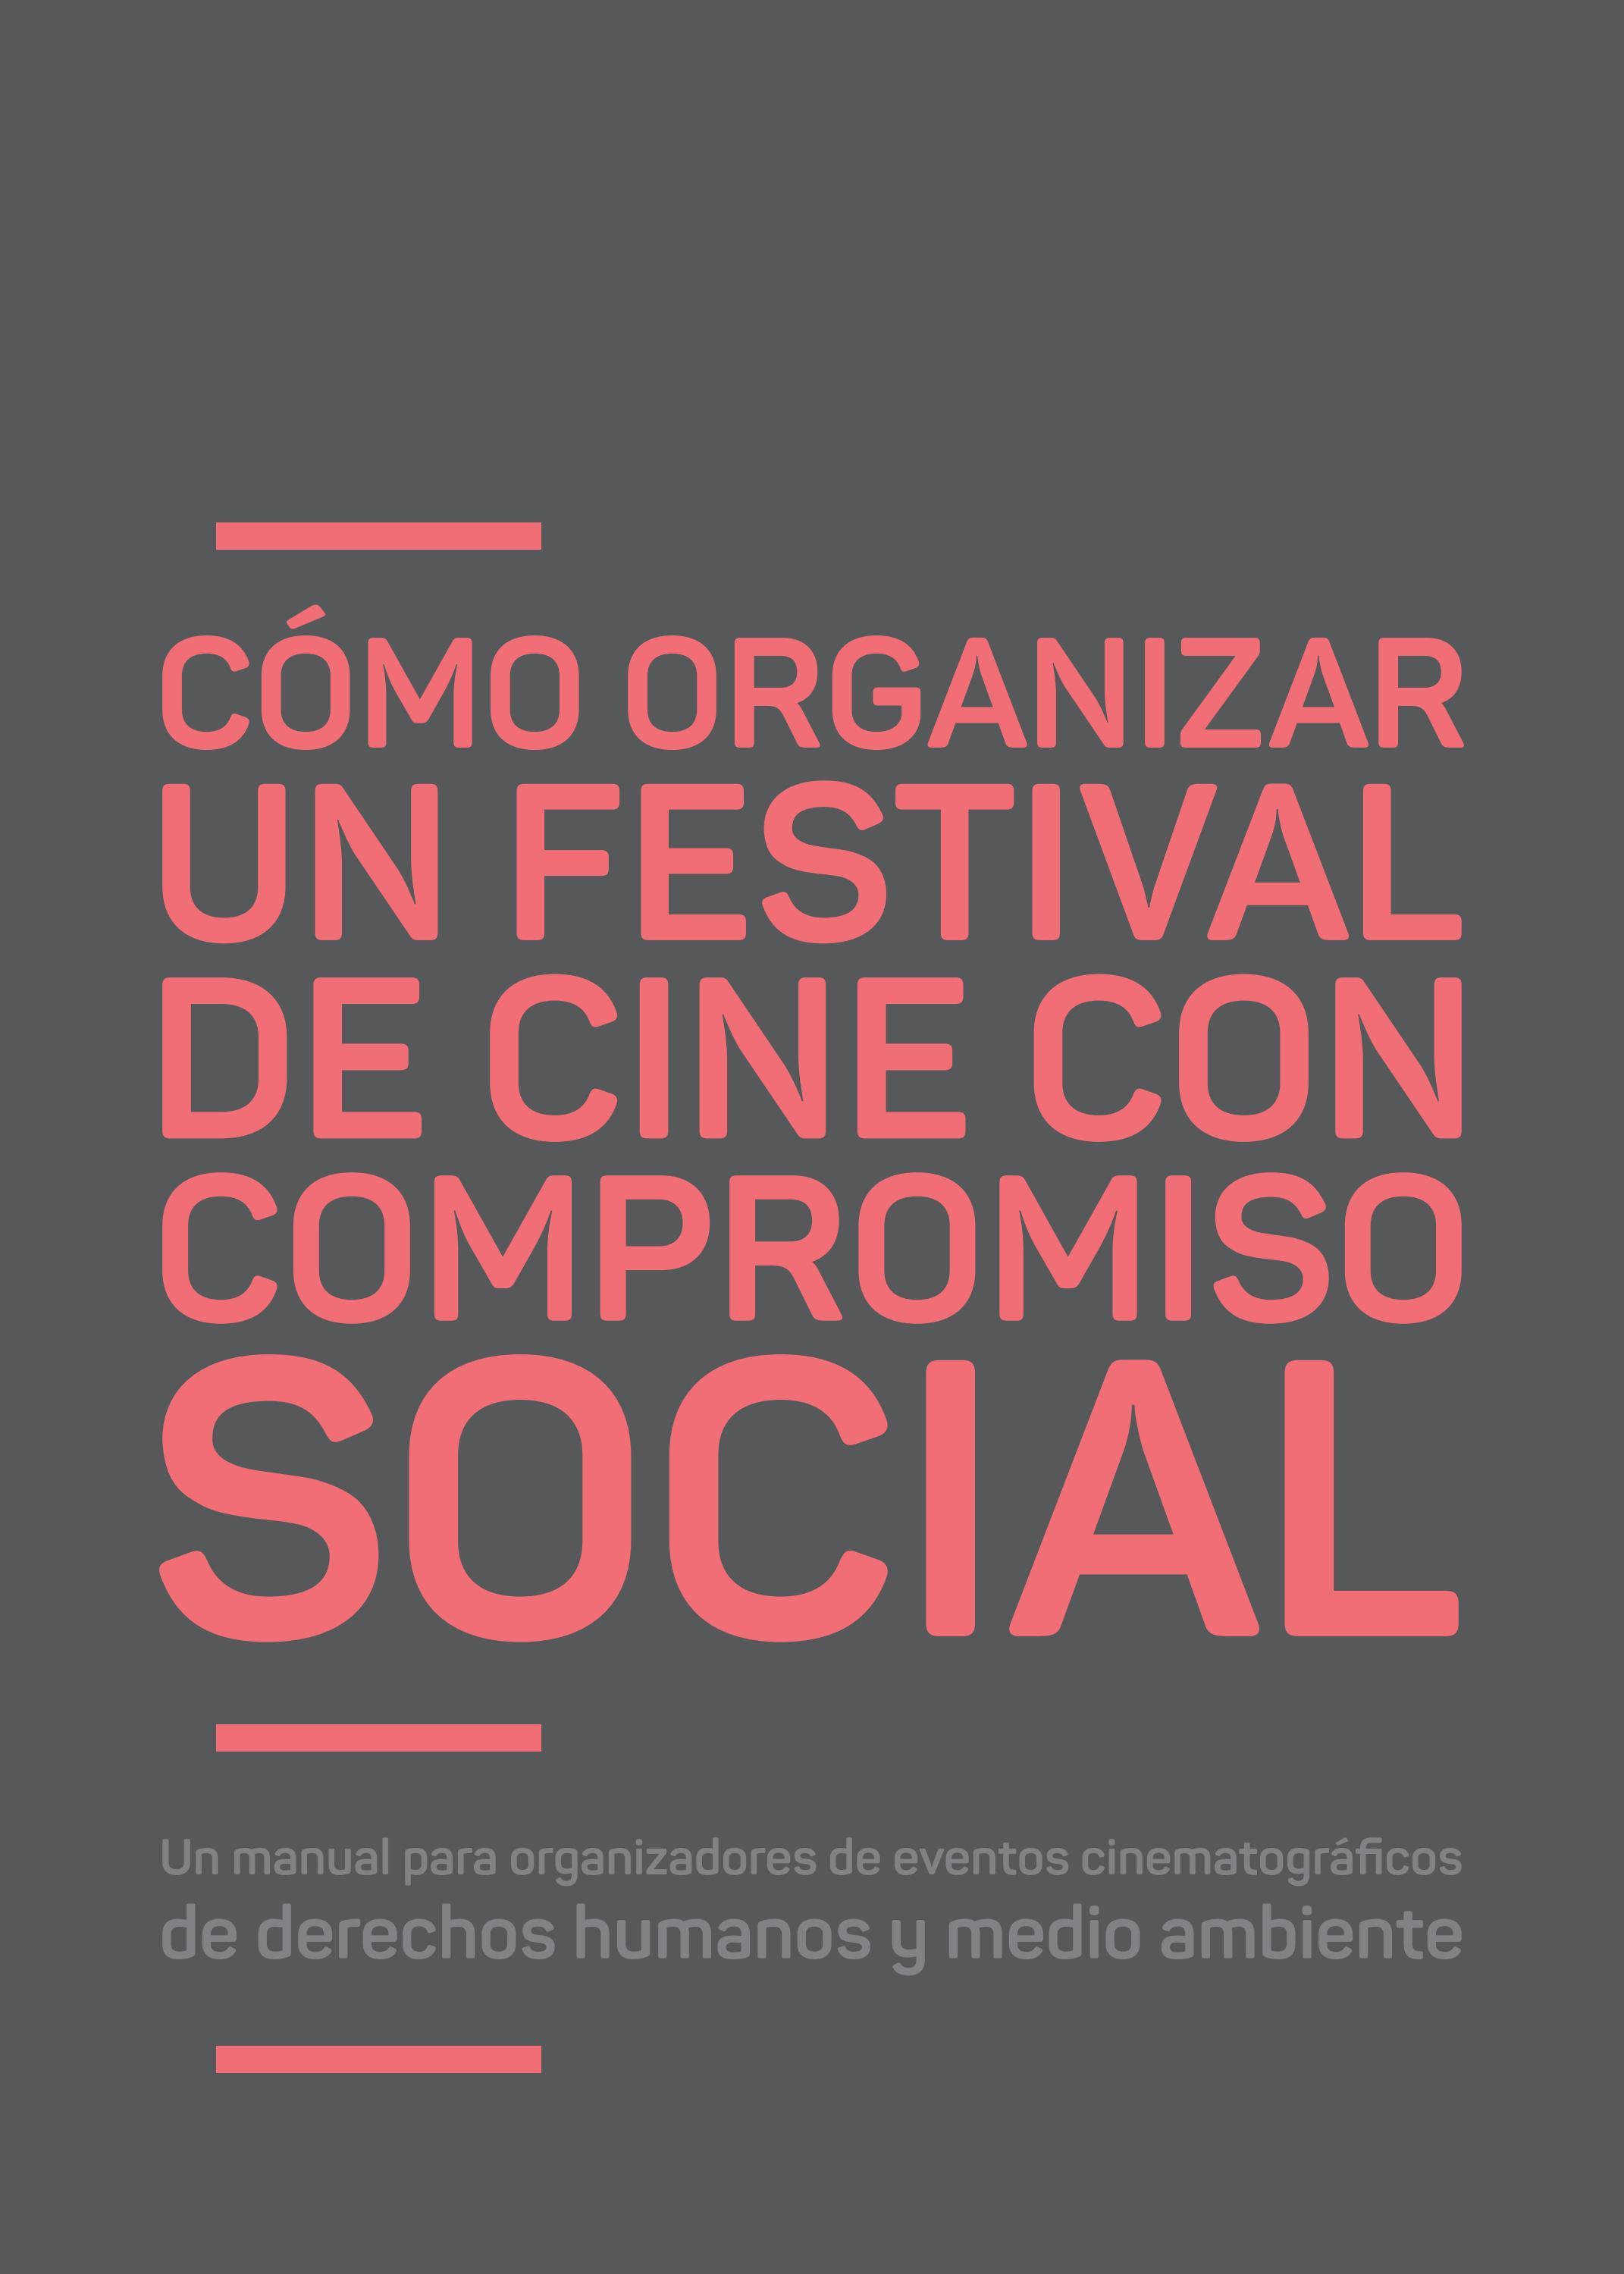 a9099ff9d7332 CÓMO ORGANIZAR UN FESTIVAL DE CINE CON COMPROMISO SOCIAL by inbituin - issuu